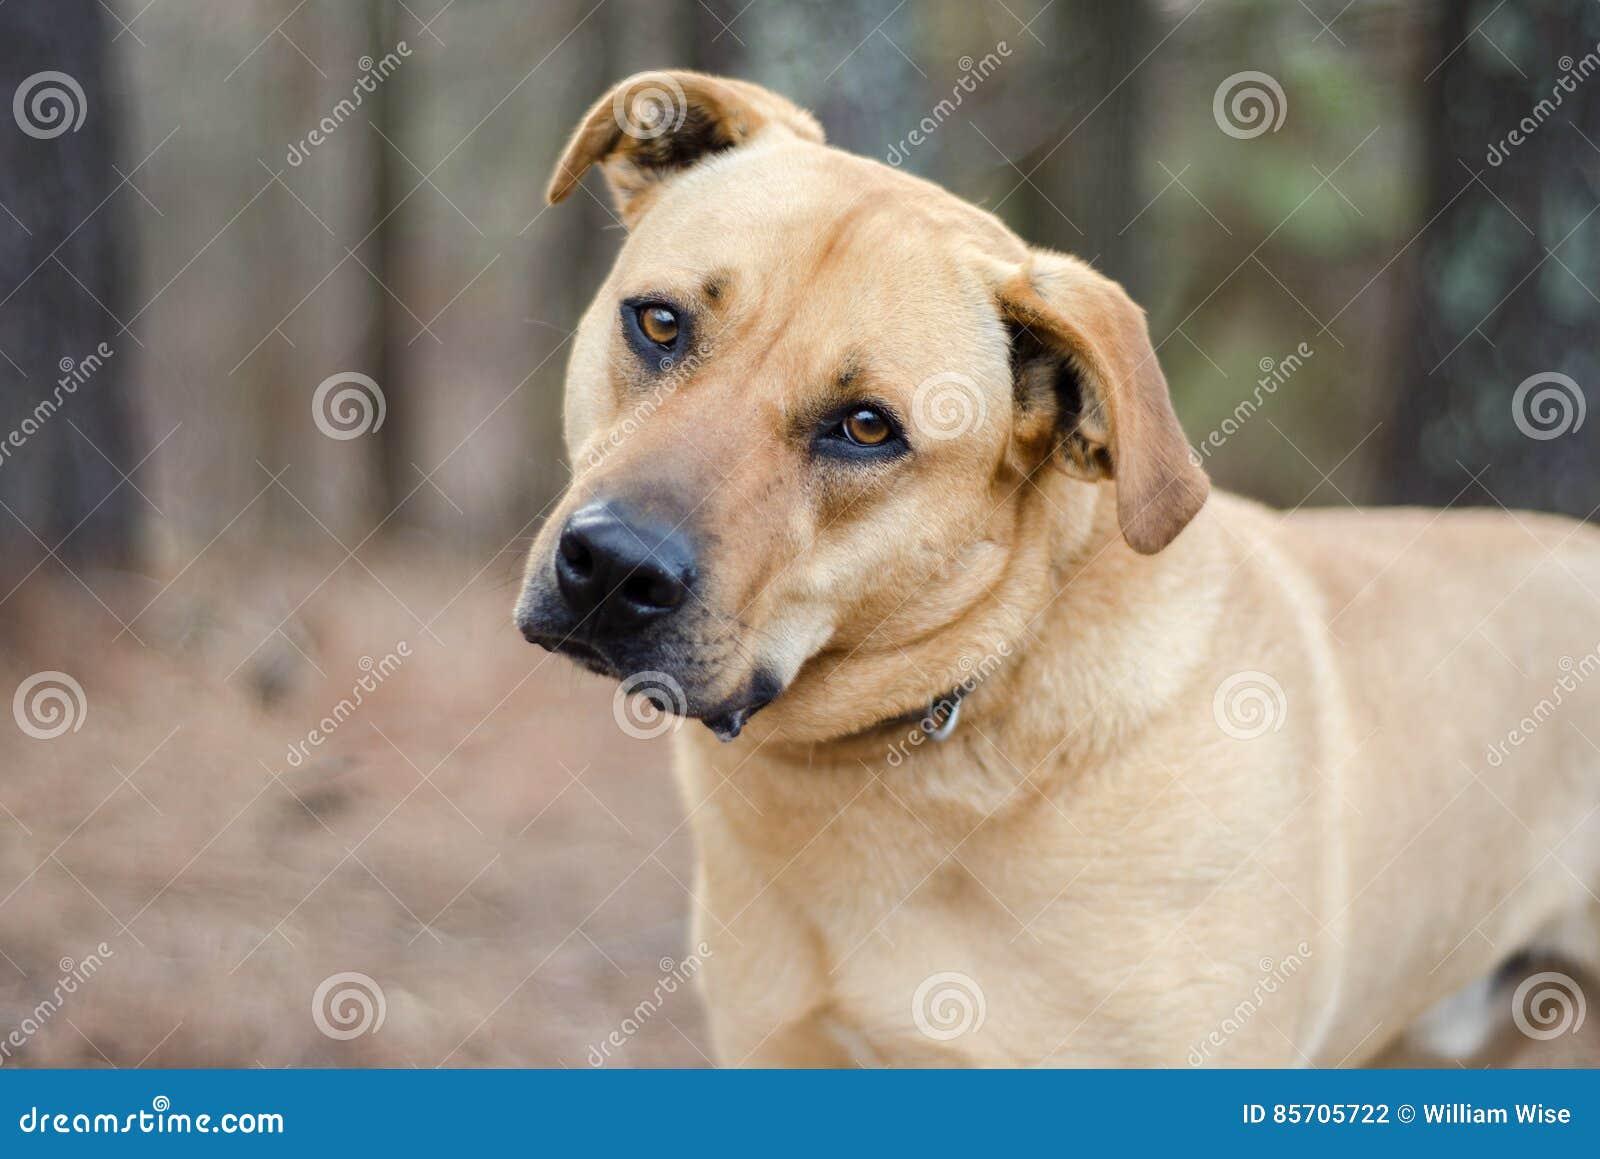 Perro grande mezclado mastín de la raza de Labrador